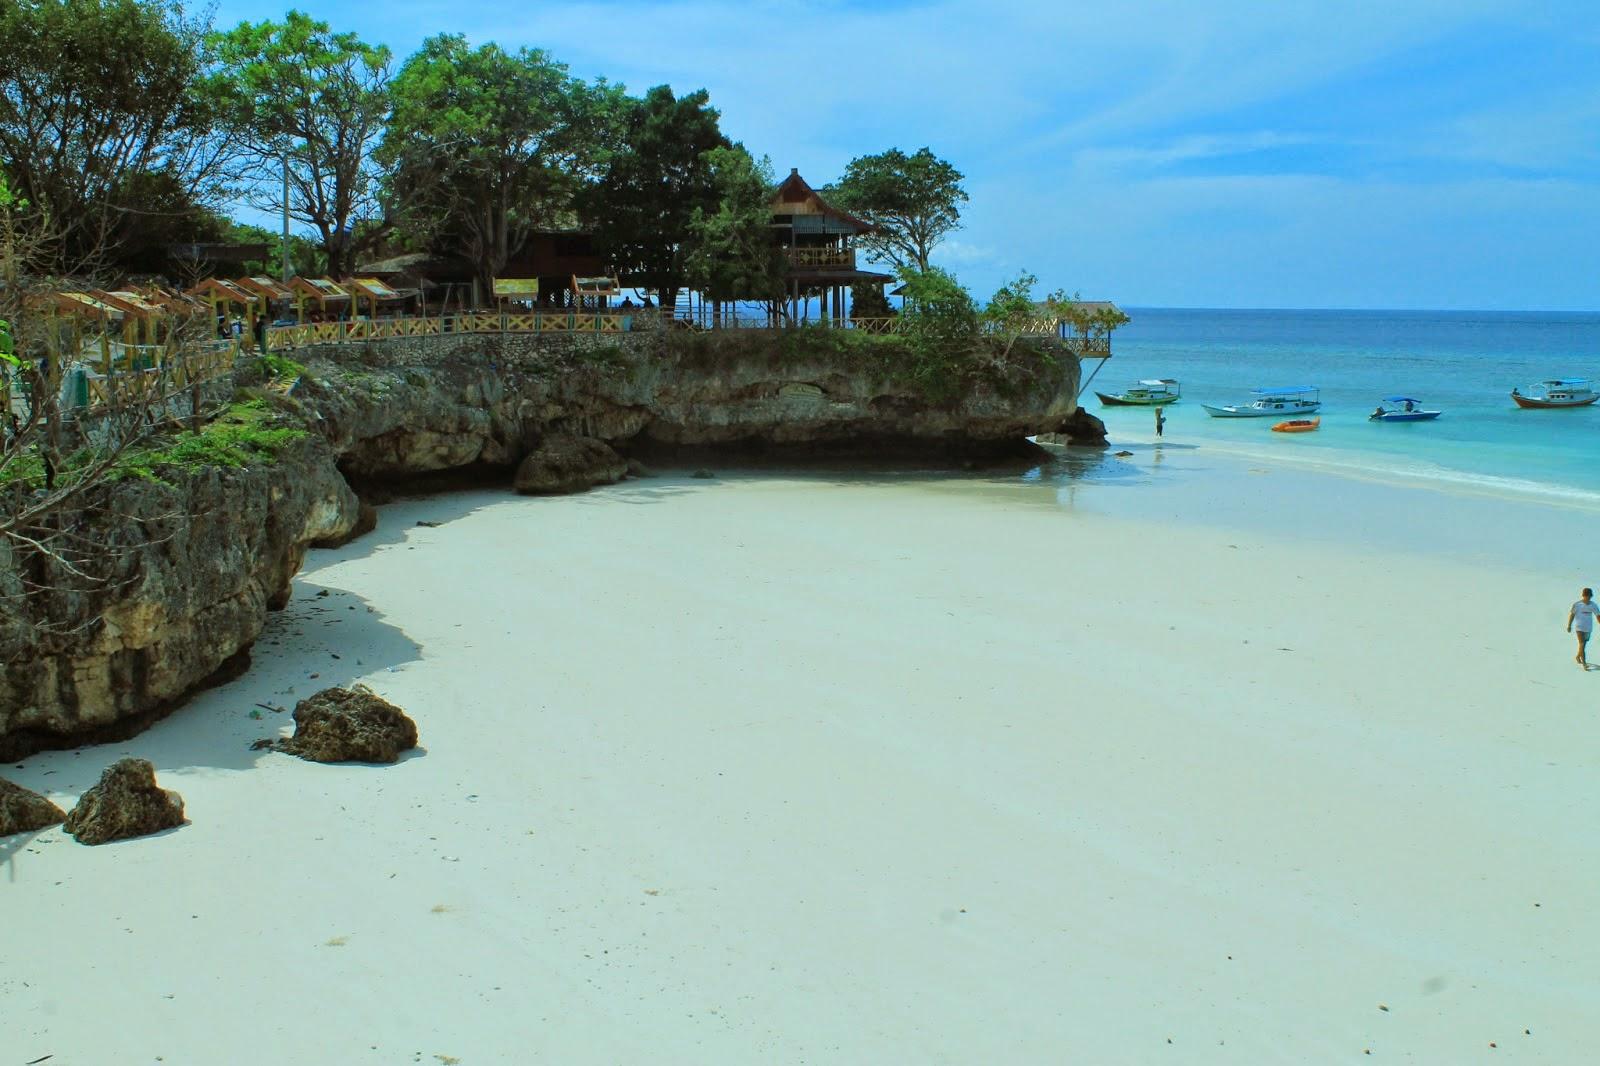 15 Tempat Wisata Pantai Terpopuler di Indonesia   Wisata Indonesia